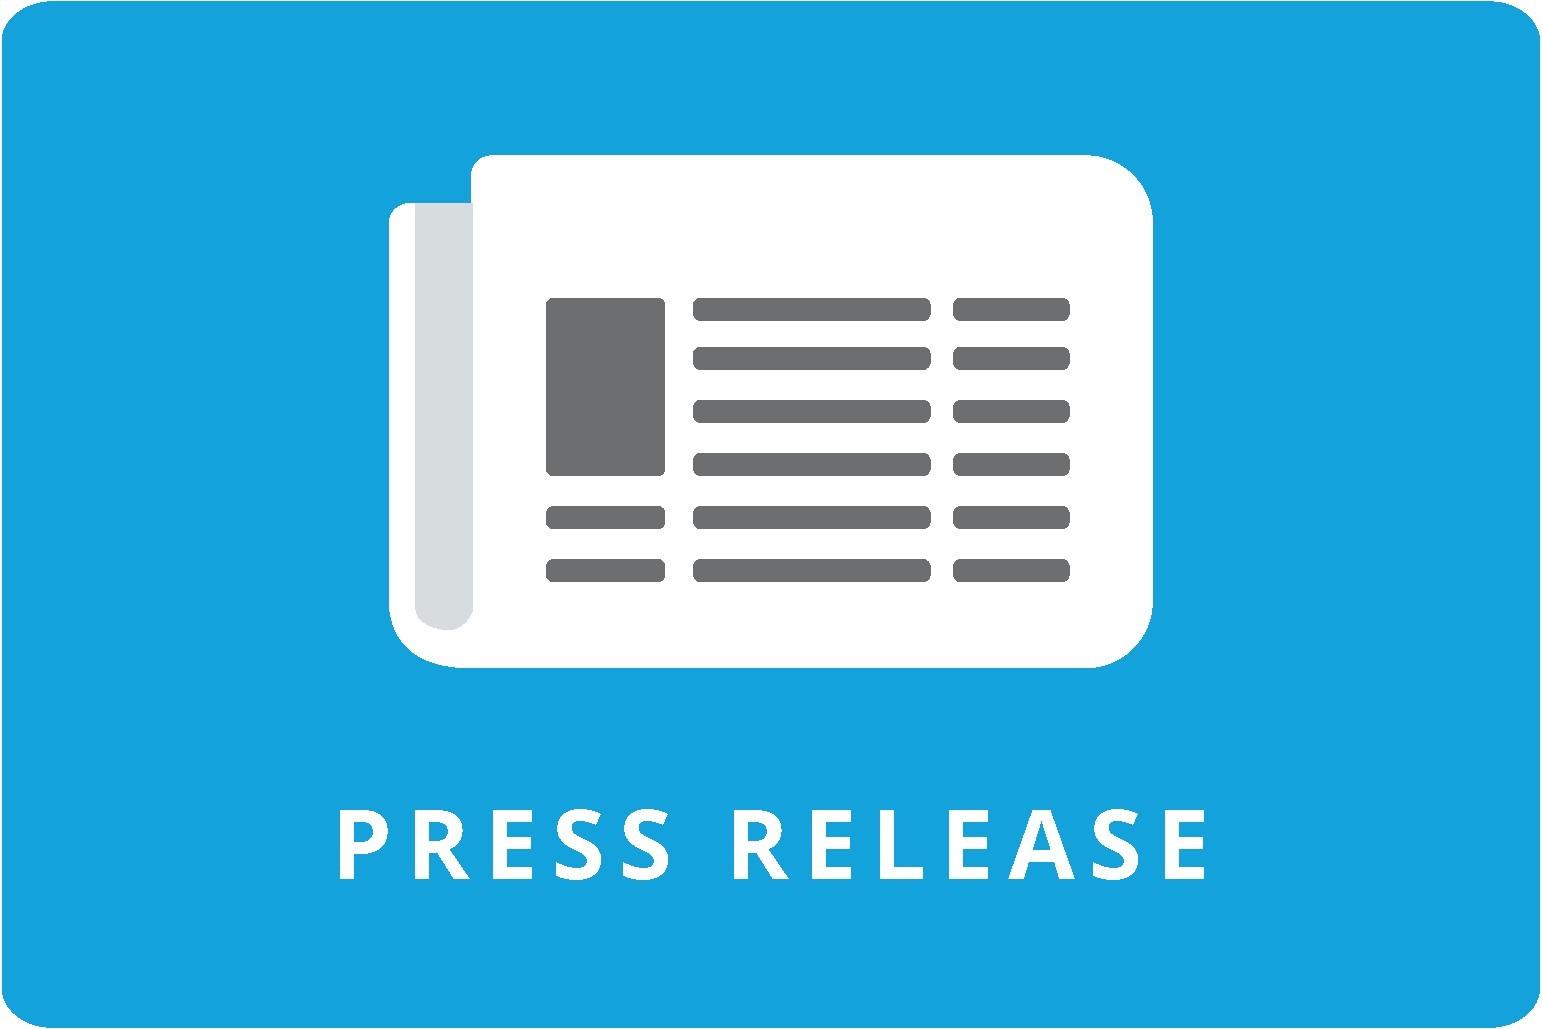 O que é um press release? 1